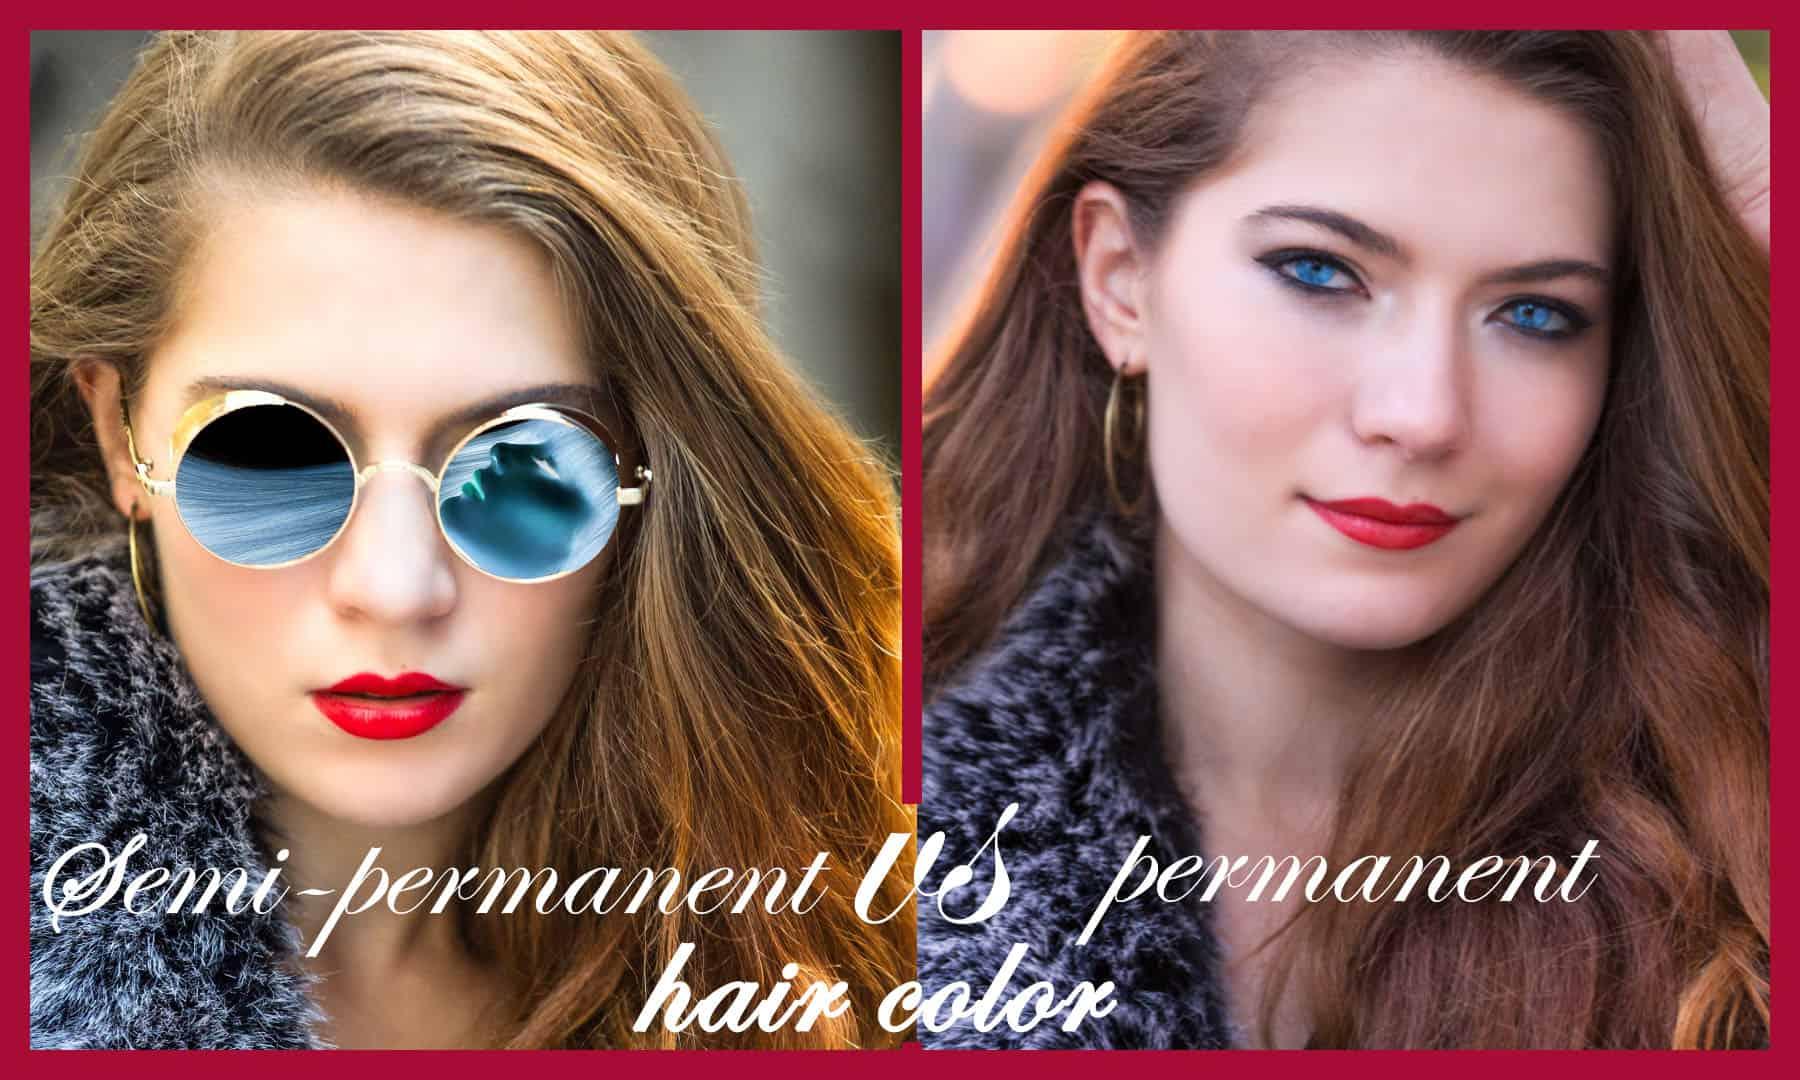 Semi-permanent vs permanent hair color